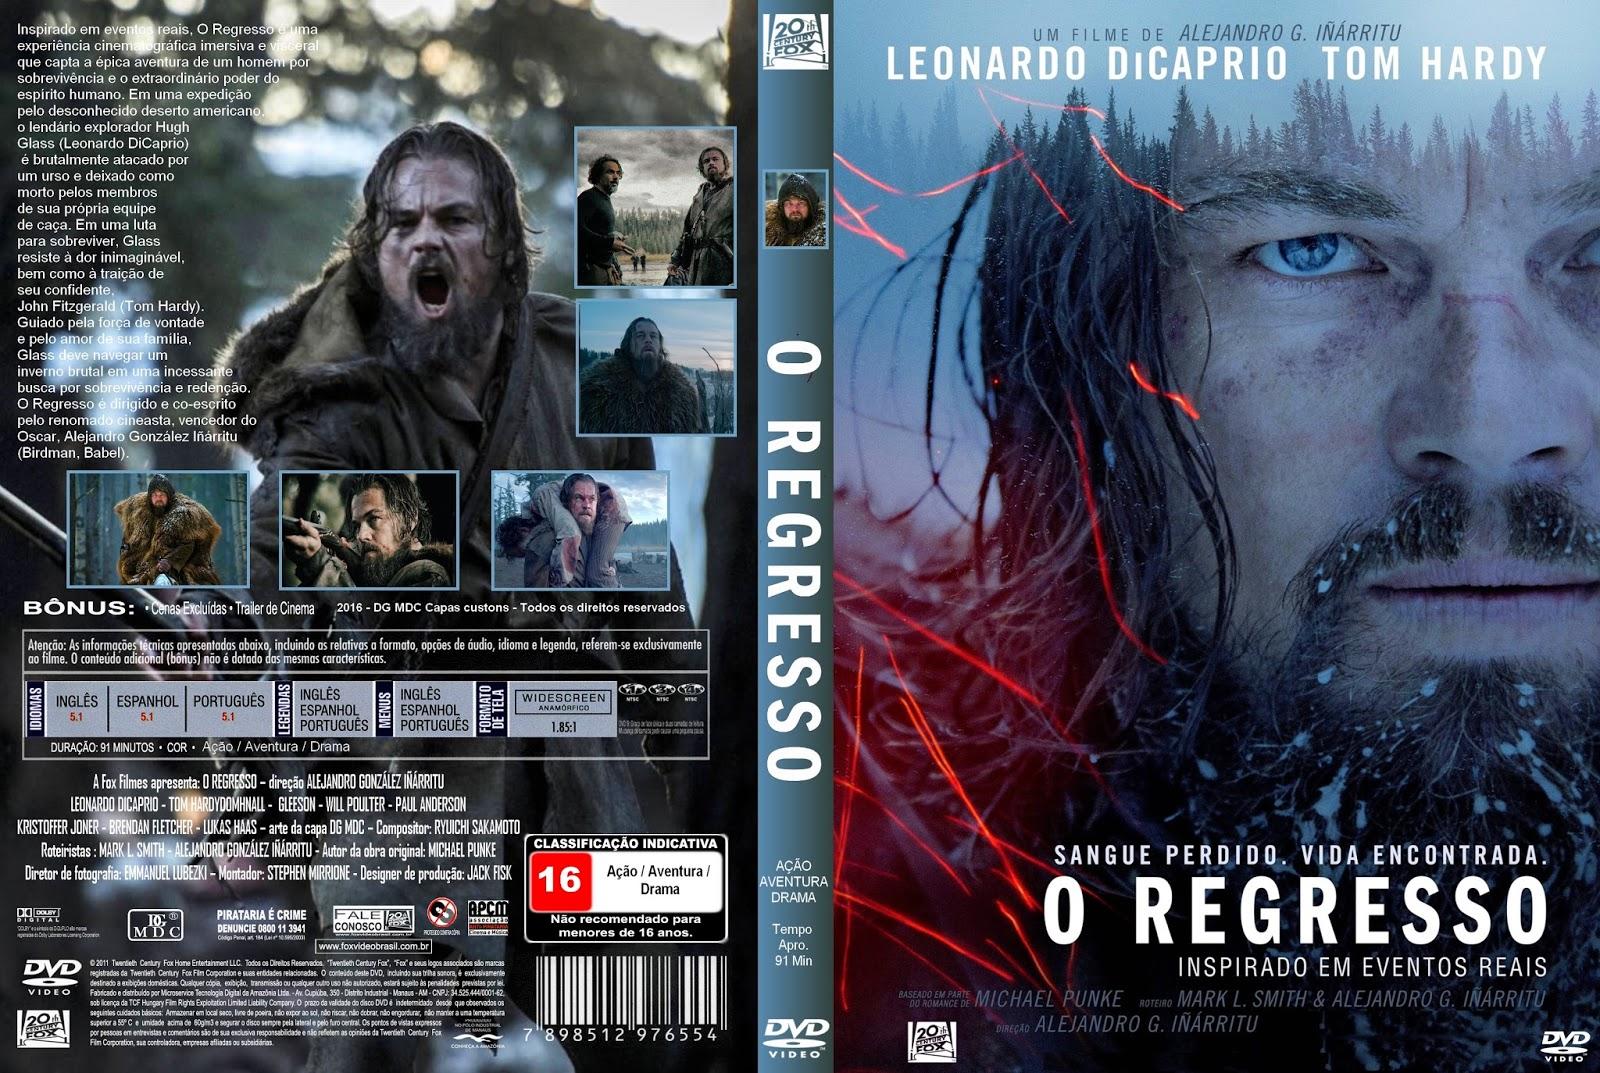 O Regresso DVDRip XviD Dual Áudio O 2BRegresso 2BDVD R 2BXANDAO 2BDOWNLOAD